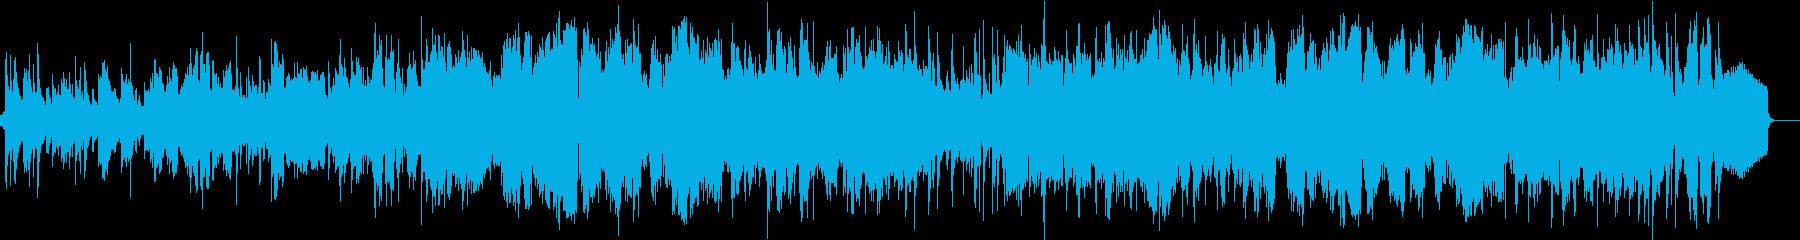 優しいフルートの旋律 大自然のハーモニーの再生済みの波形